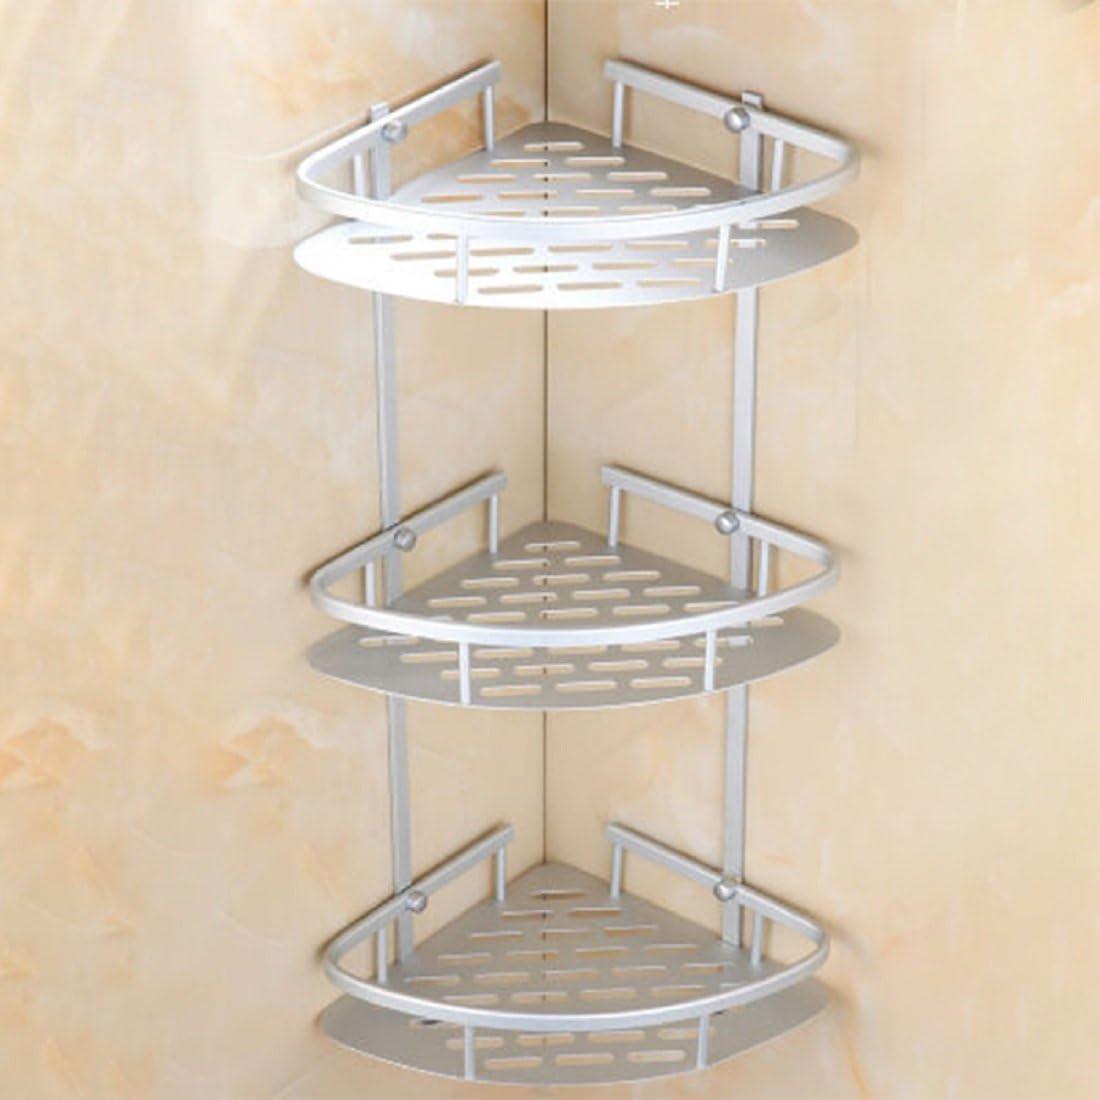 ZhanMaZW Handtuchhalter Dusche Corner Caddies Drilling-Speicher-Halter Glas Regale Badezimmer Dreieck Fach Regal mit Stellfu/ß 15~30cm Size : 15cm